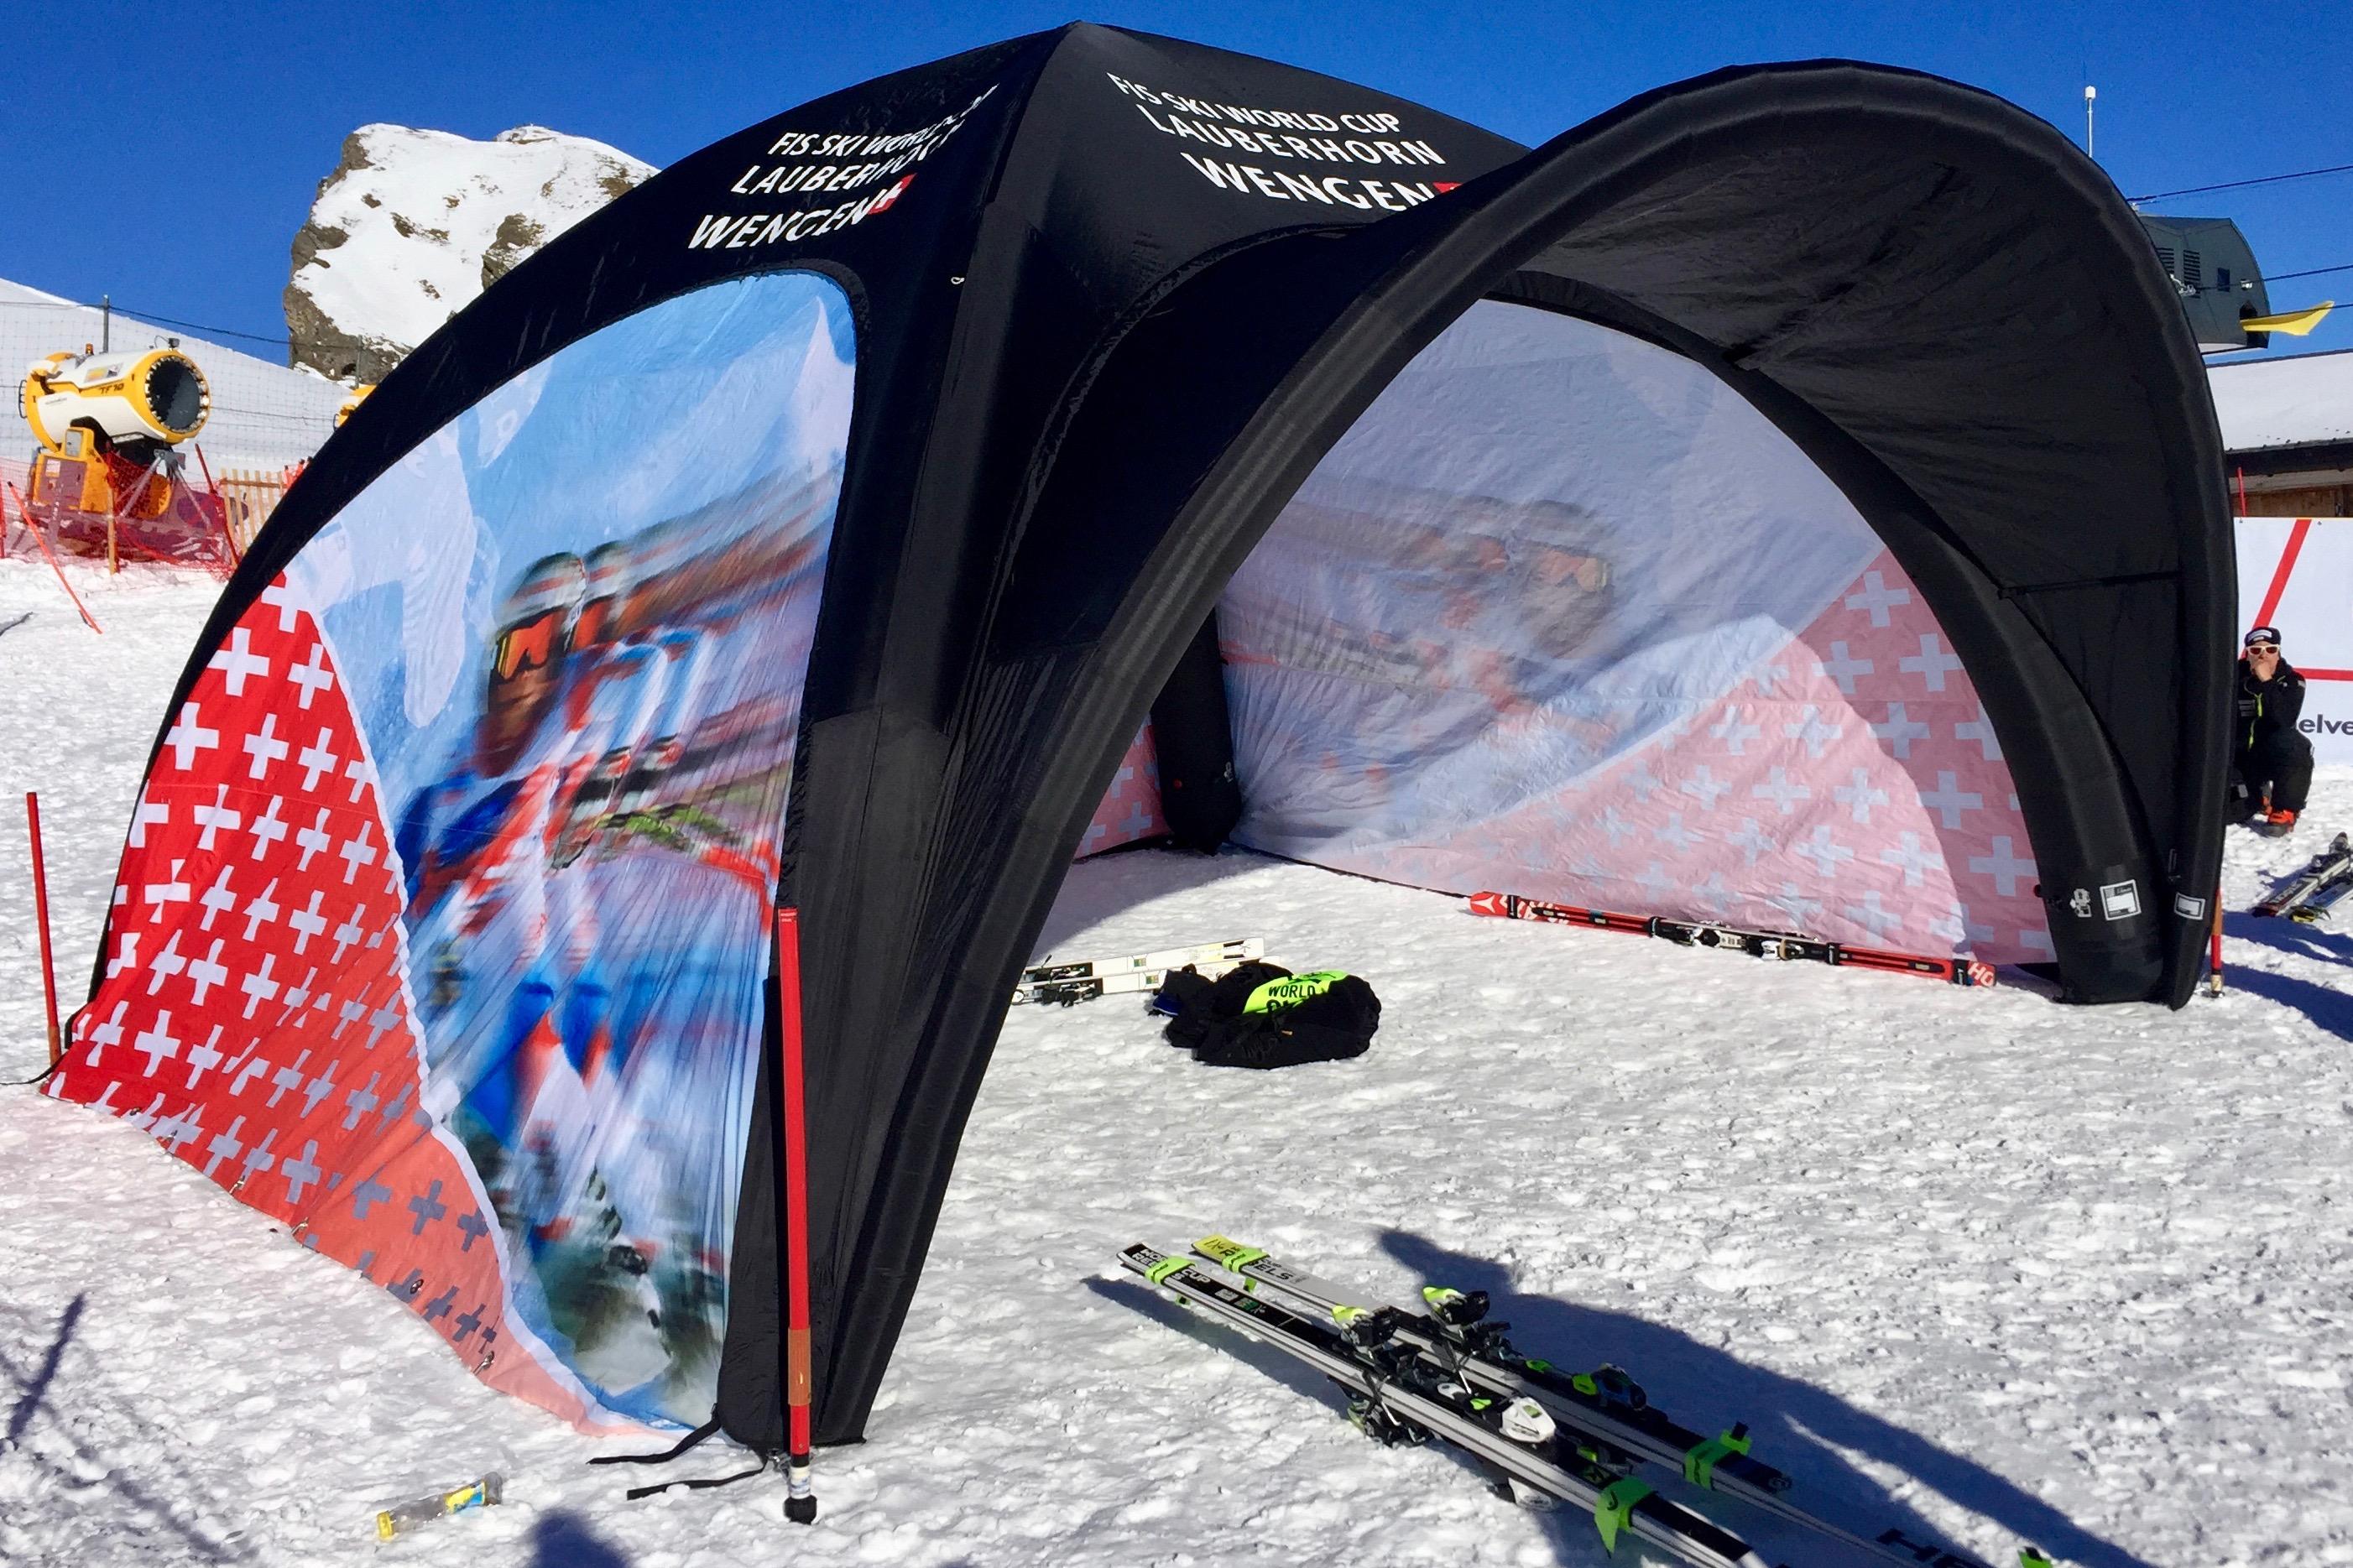 La tente, trop exposée, n'est pas utilisée ce samedi.